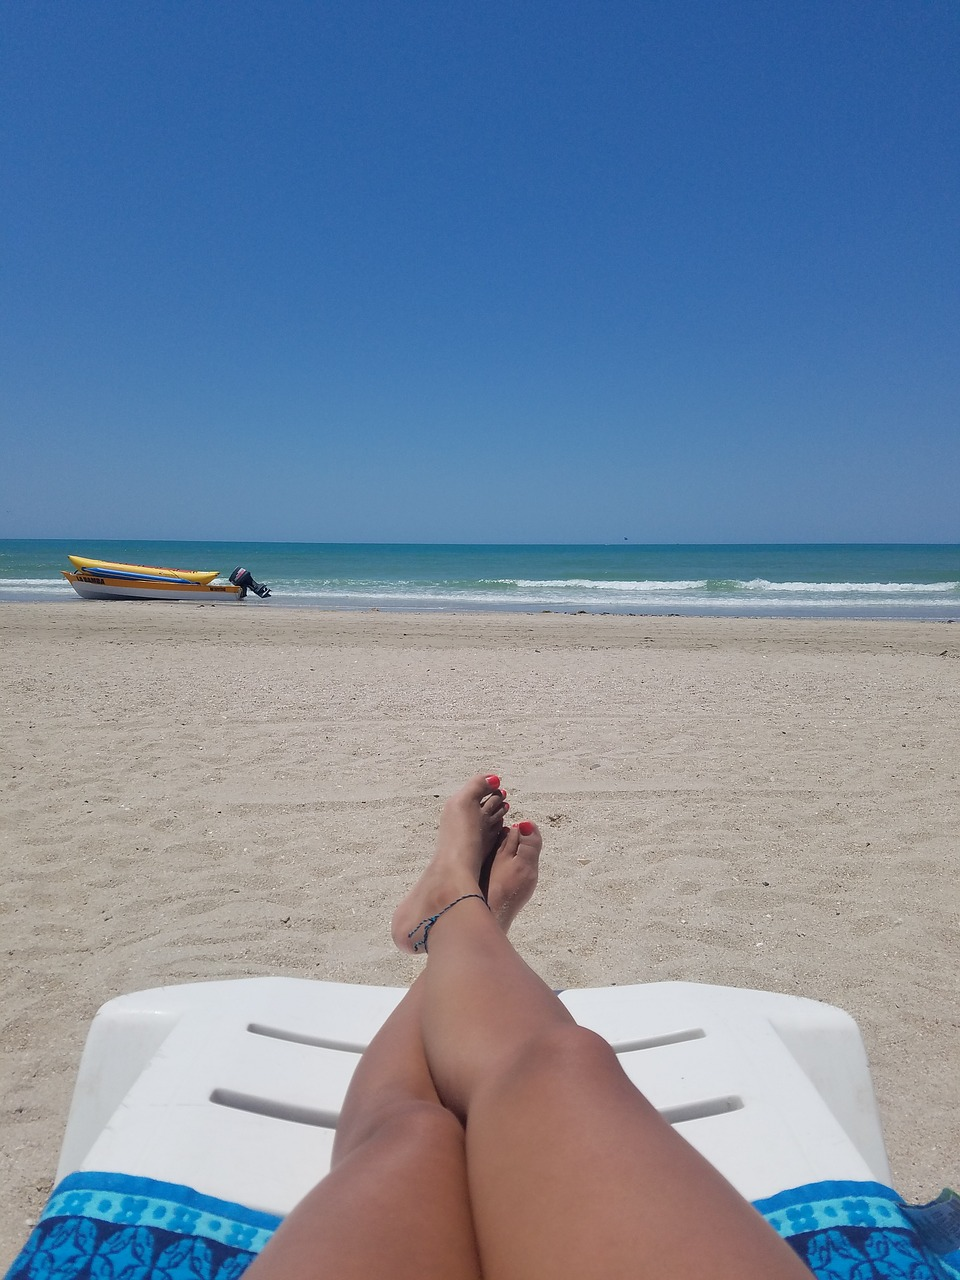 sonnen am strand